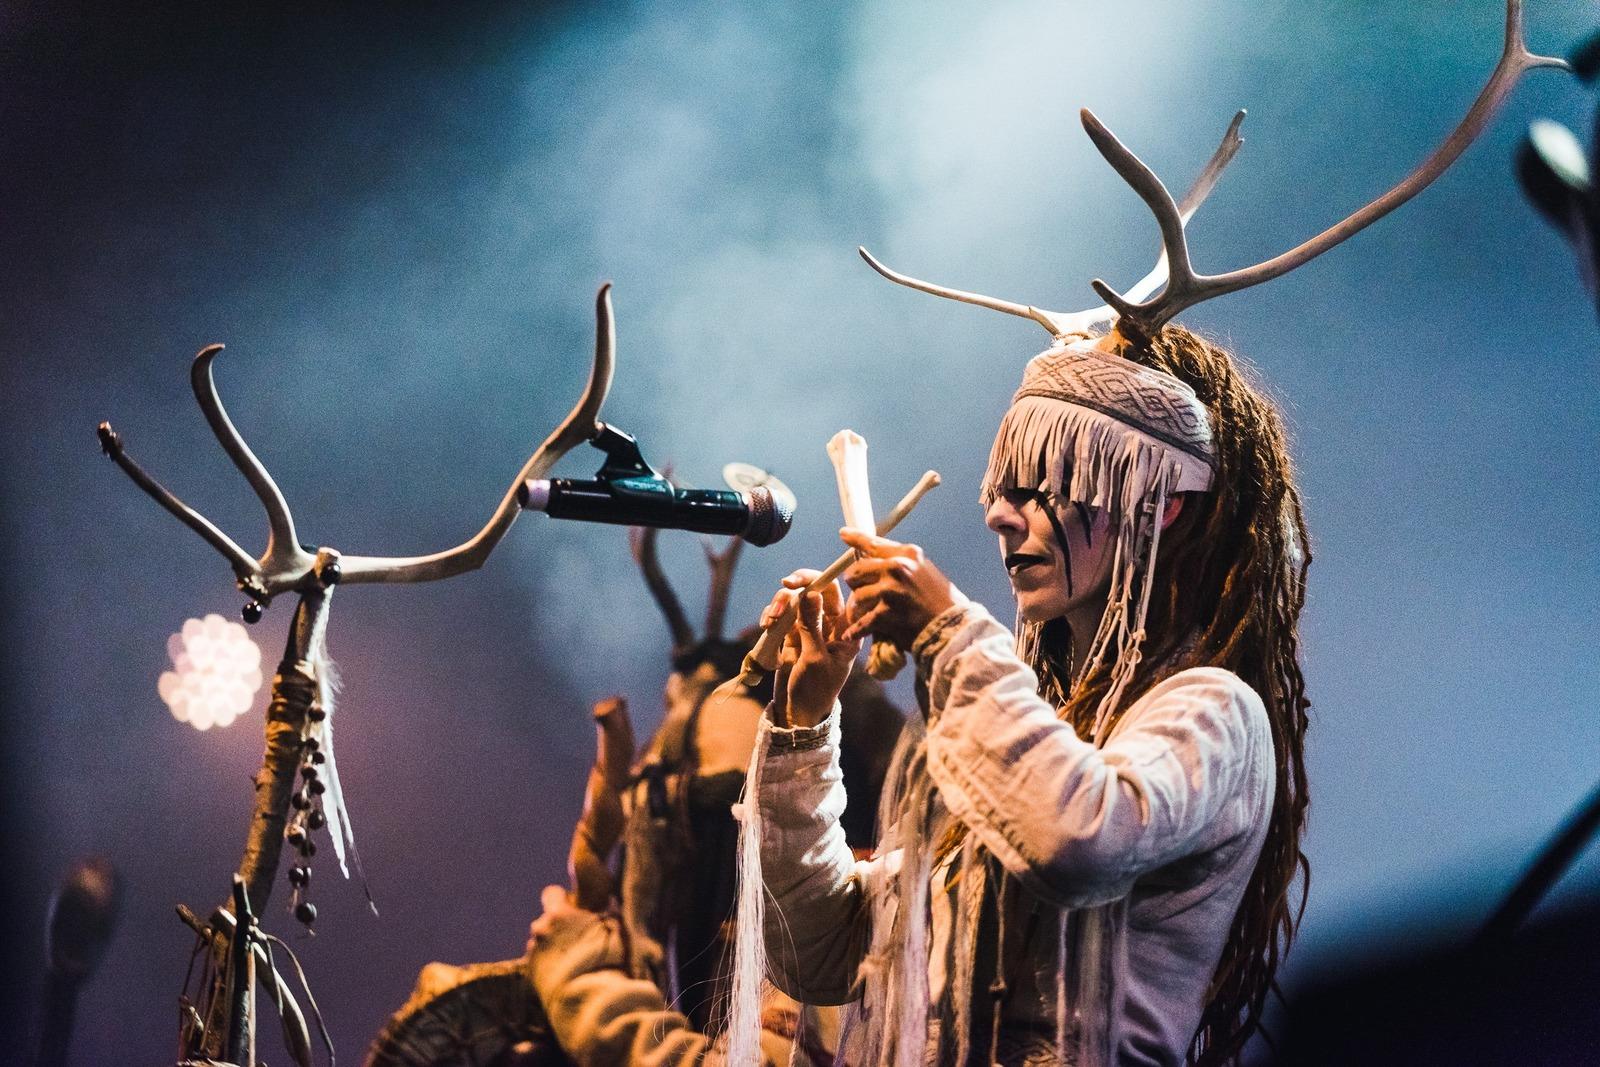 Фото с концерта Heilung с сайта pikabu.ru